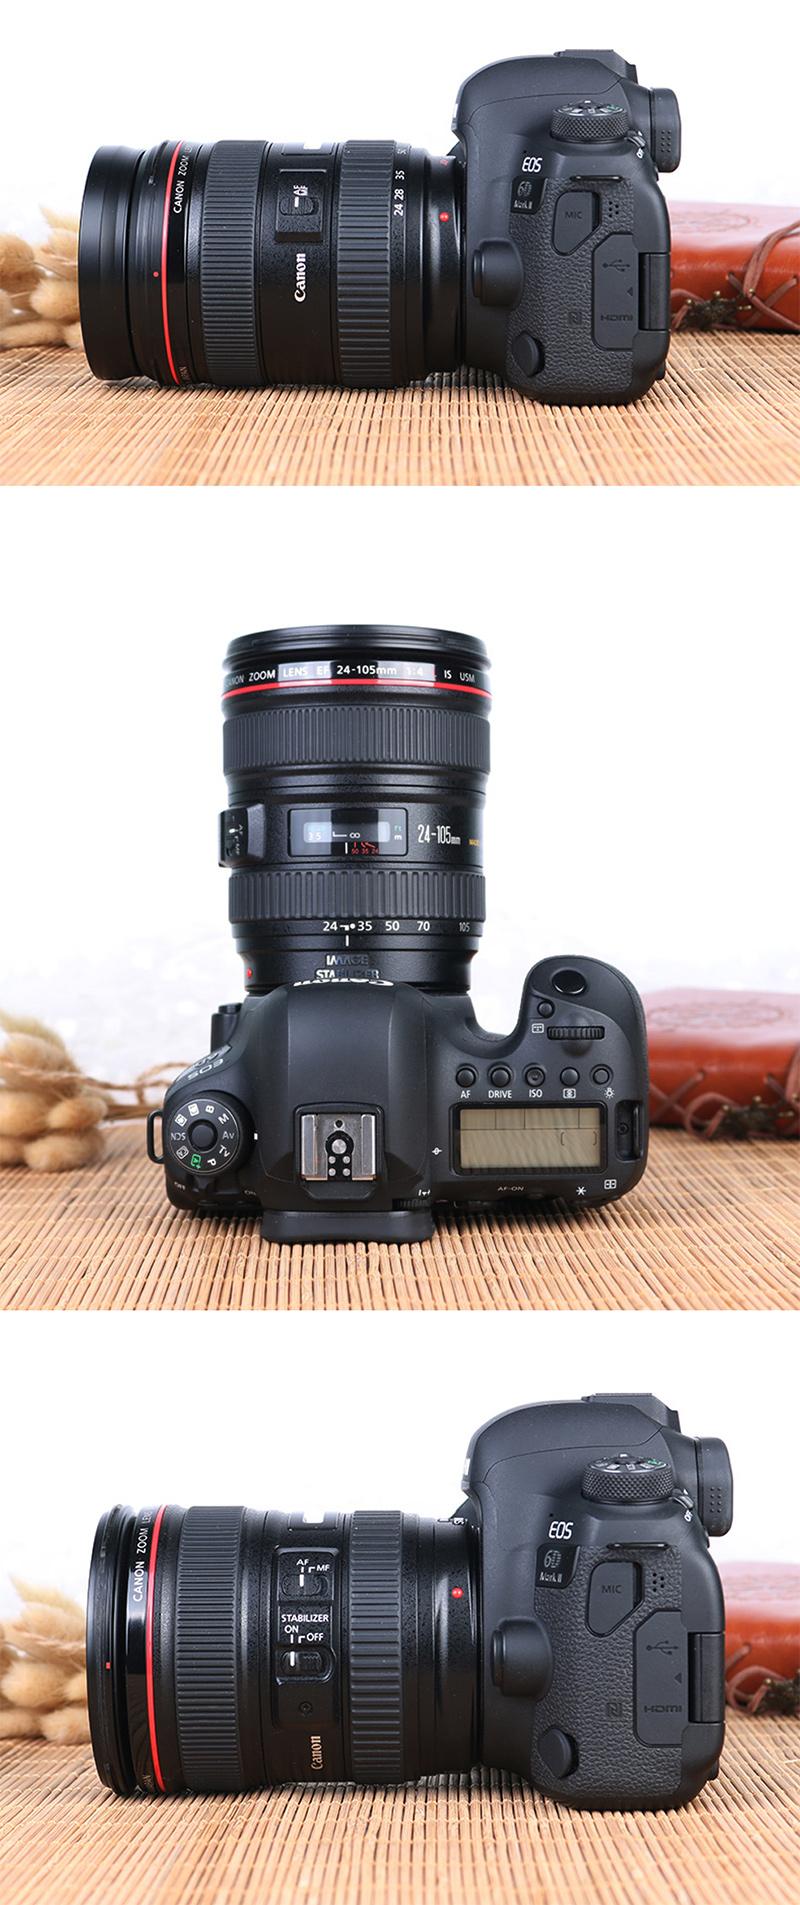 佳能 EOS 6D Mark II 单机 6D2 6Dii 全画幅高清旅游数码照相机 佳能6D2单机身 标配